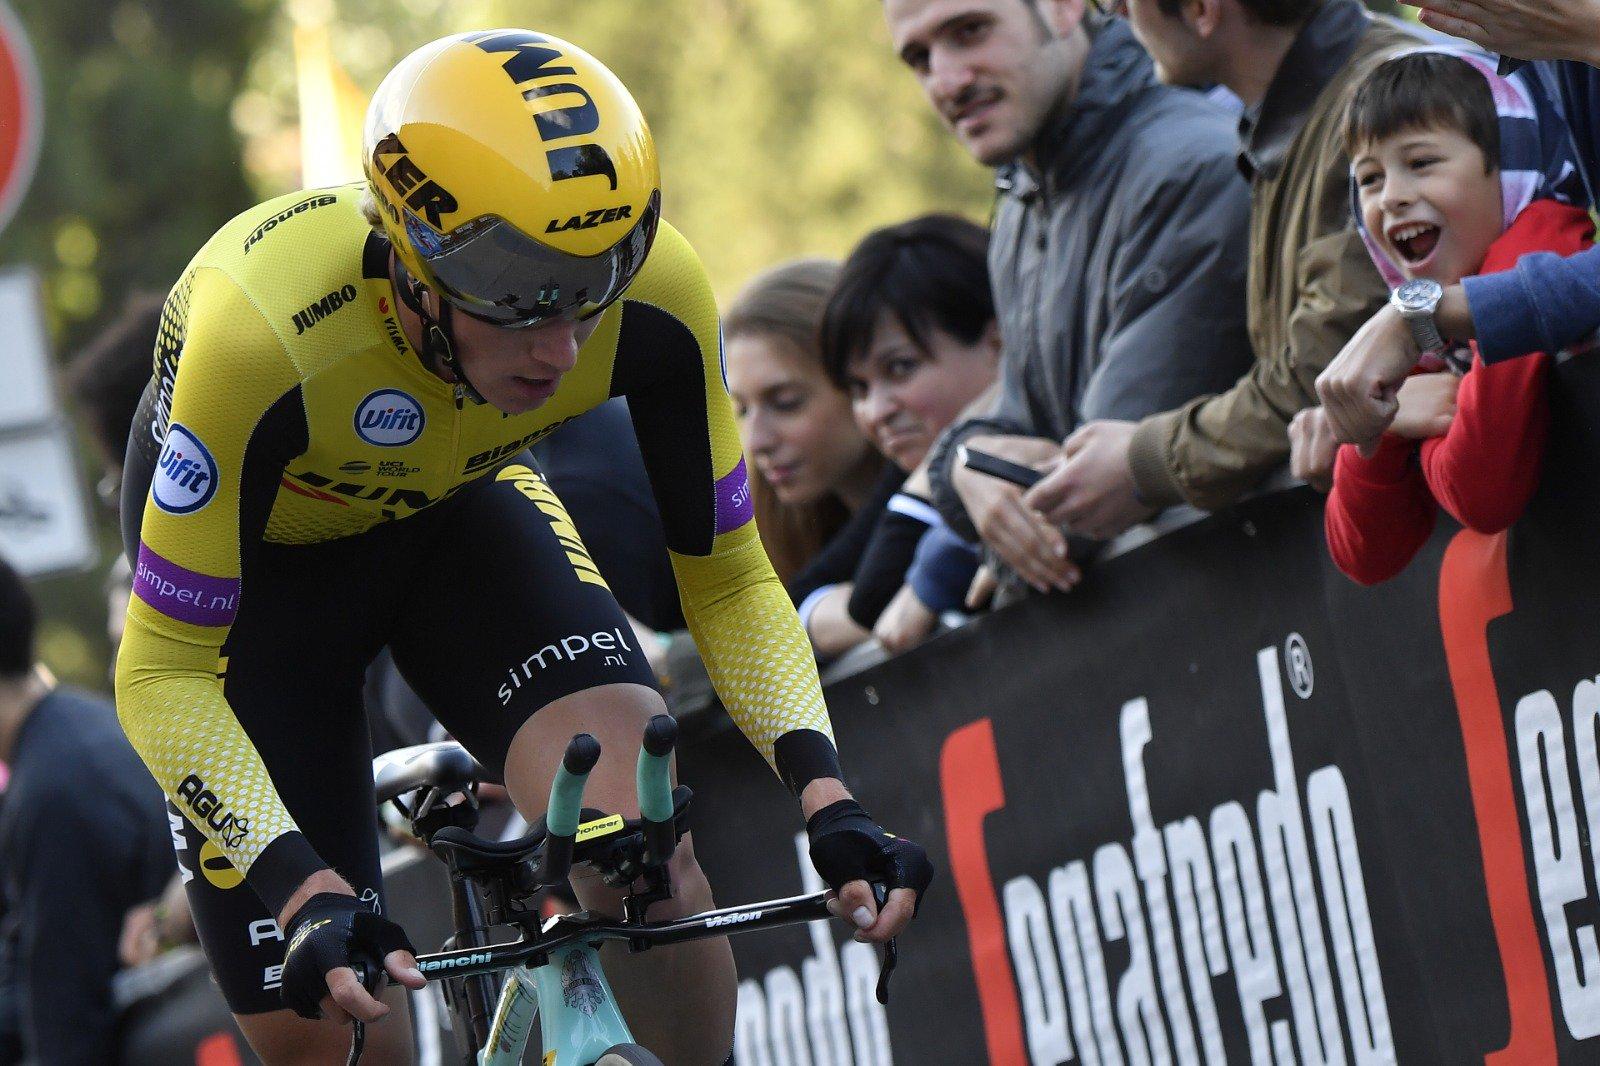 Super vittoria di Primoz Roglic nella cronometro di San Marino.